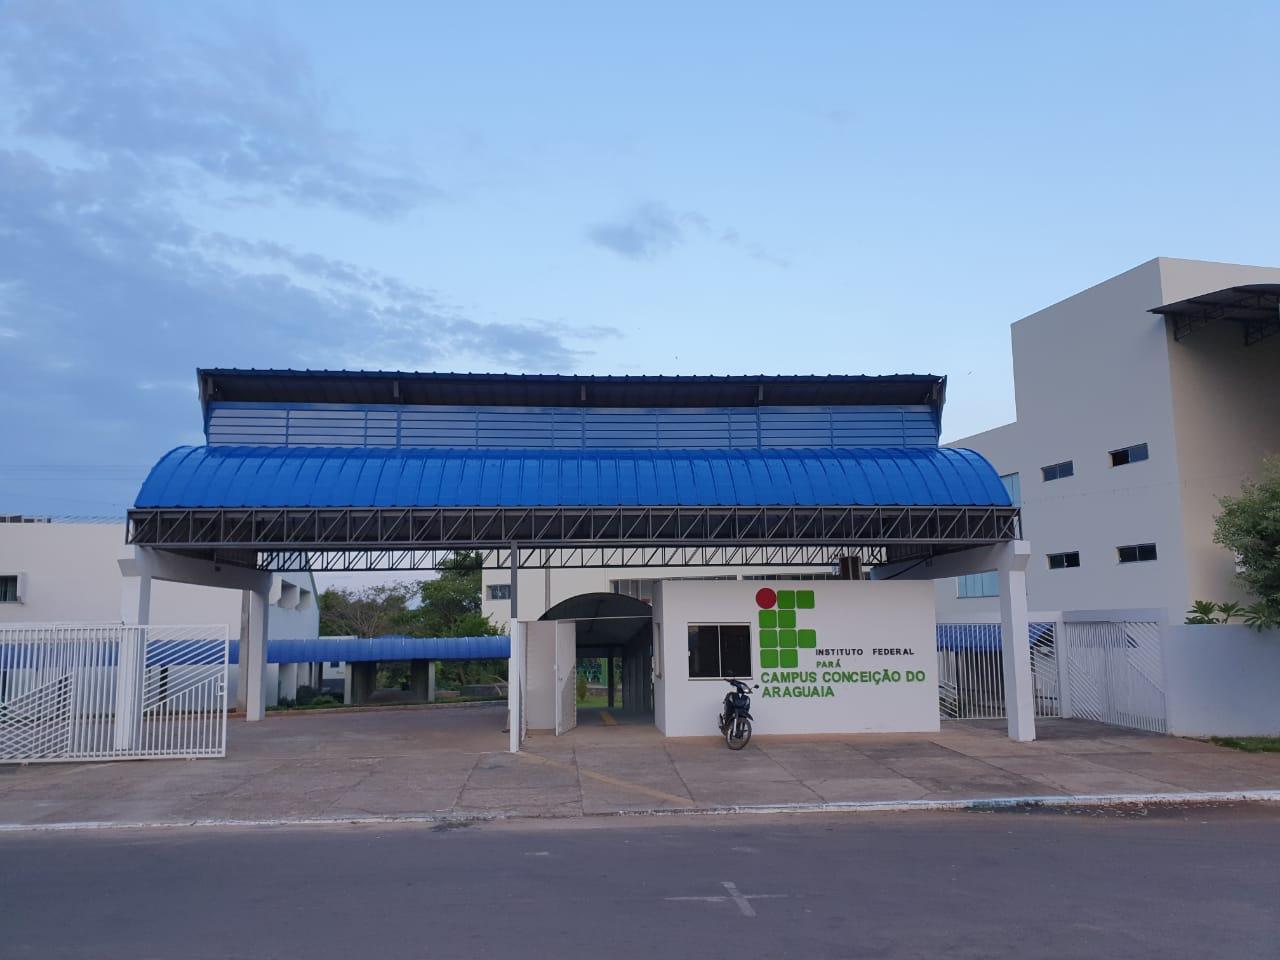 Conceição do Araguaia: IFPA vai retornar, mas com atividades de ensino 100% remotas